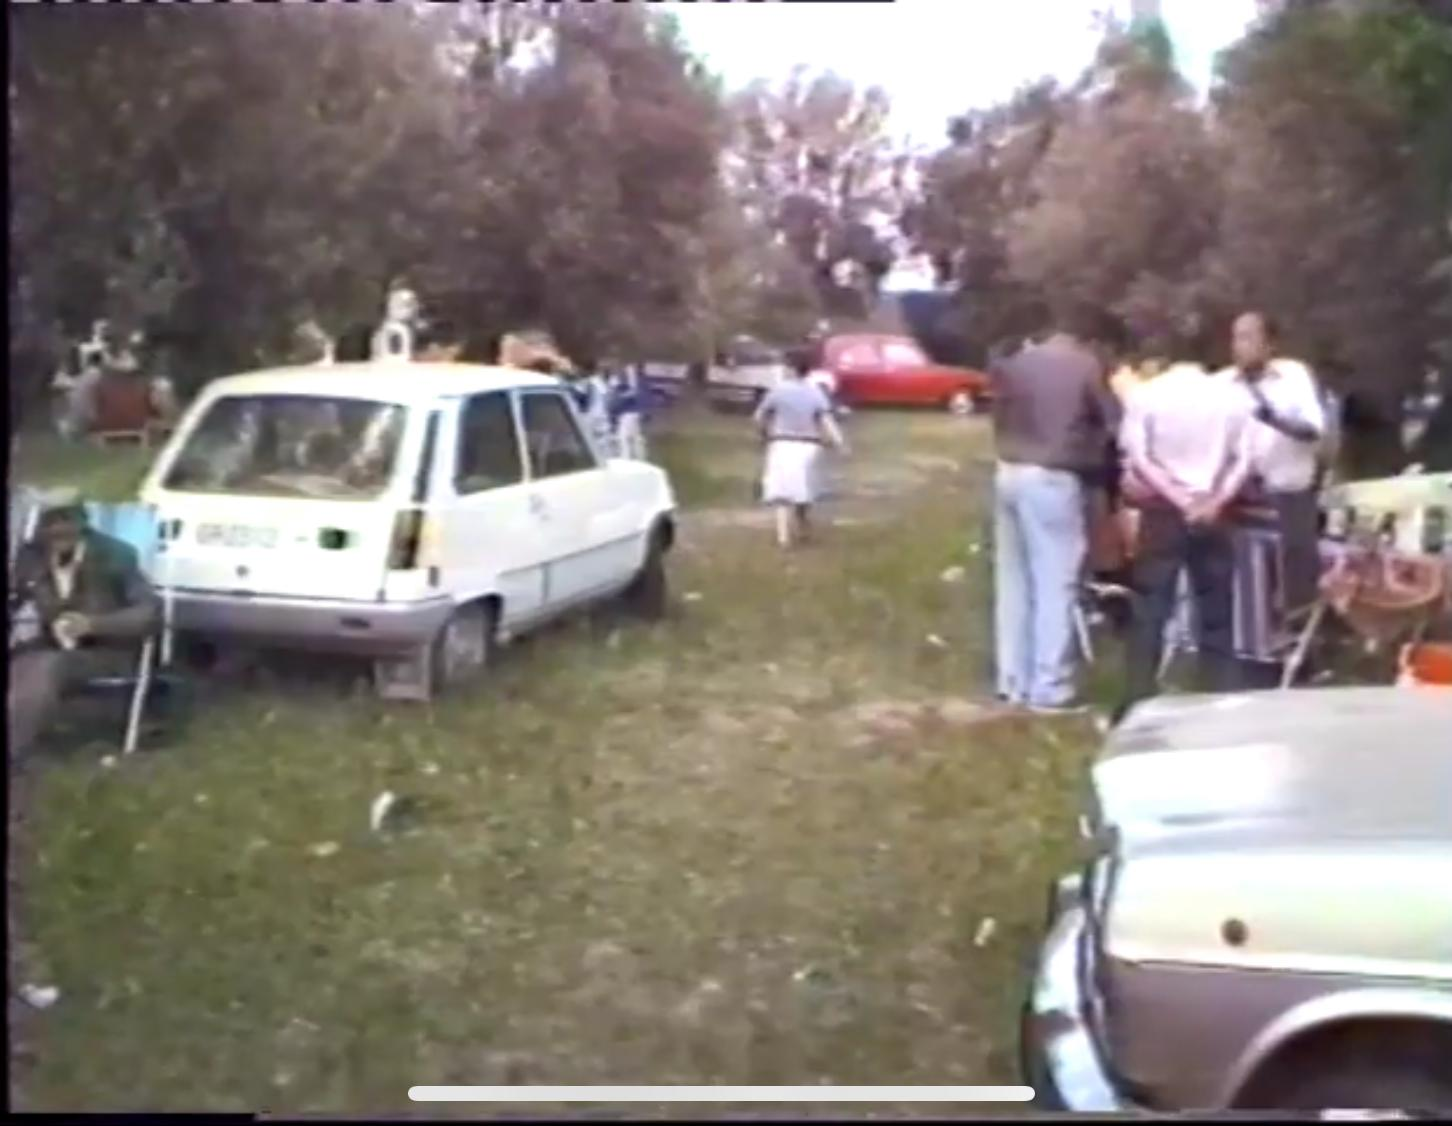 Los vecinos de Cúllar Vega viajarán hasta 1983 para celebrar su primera romería de San  Isidro 'on line'